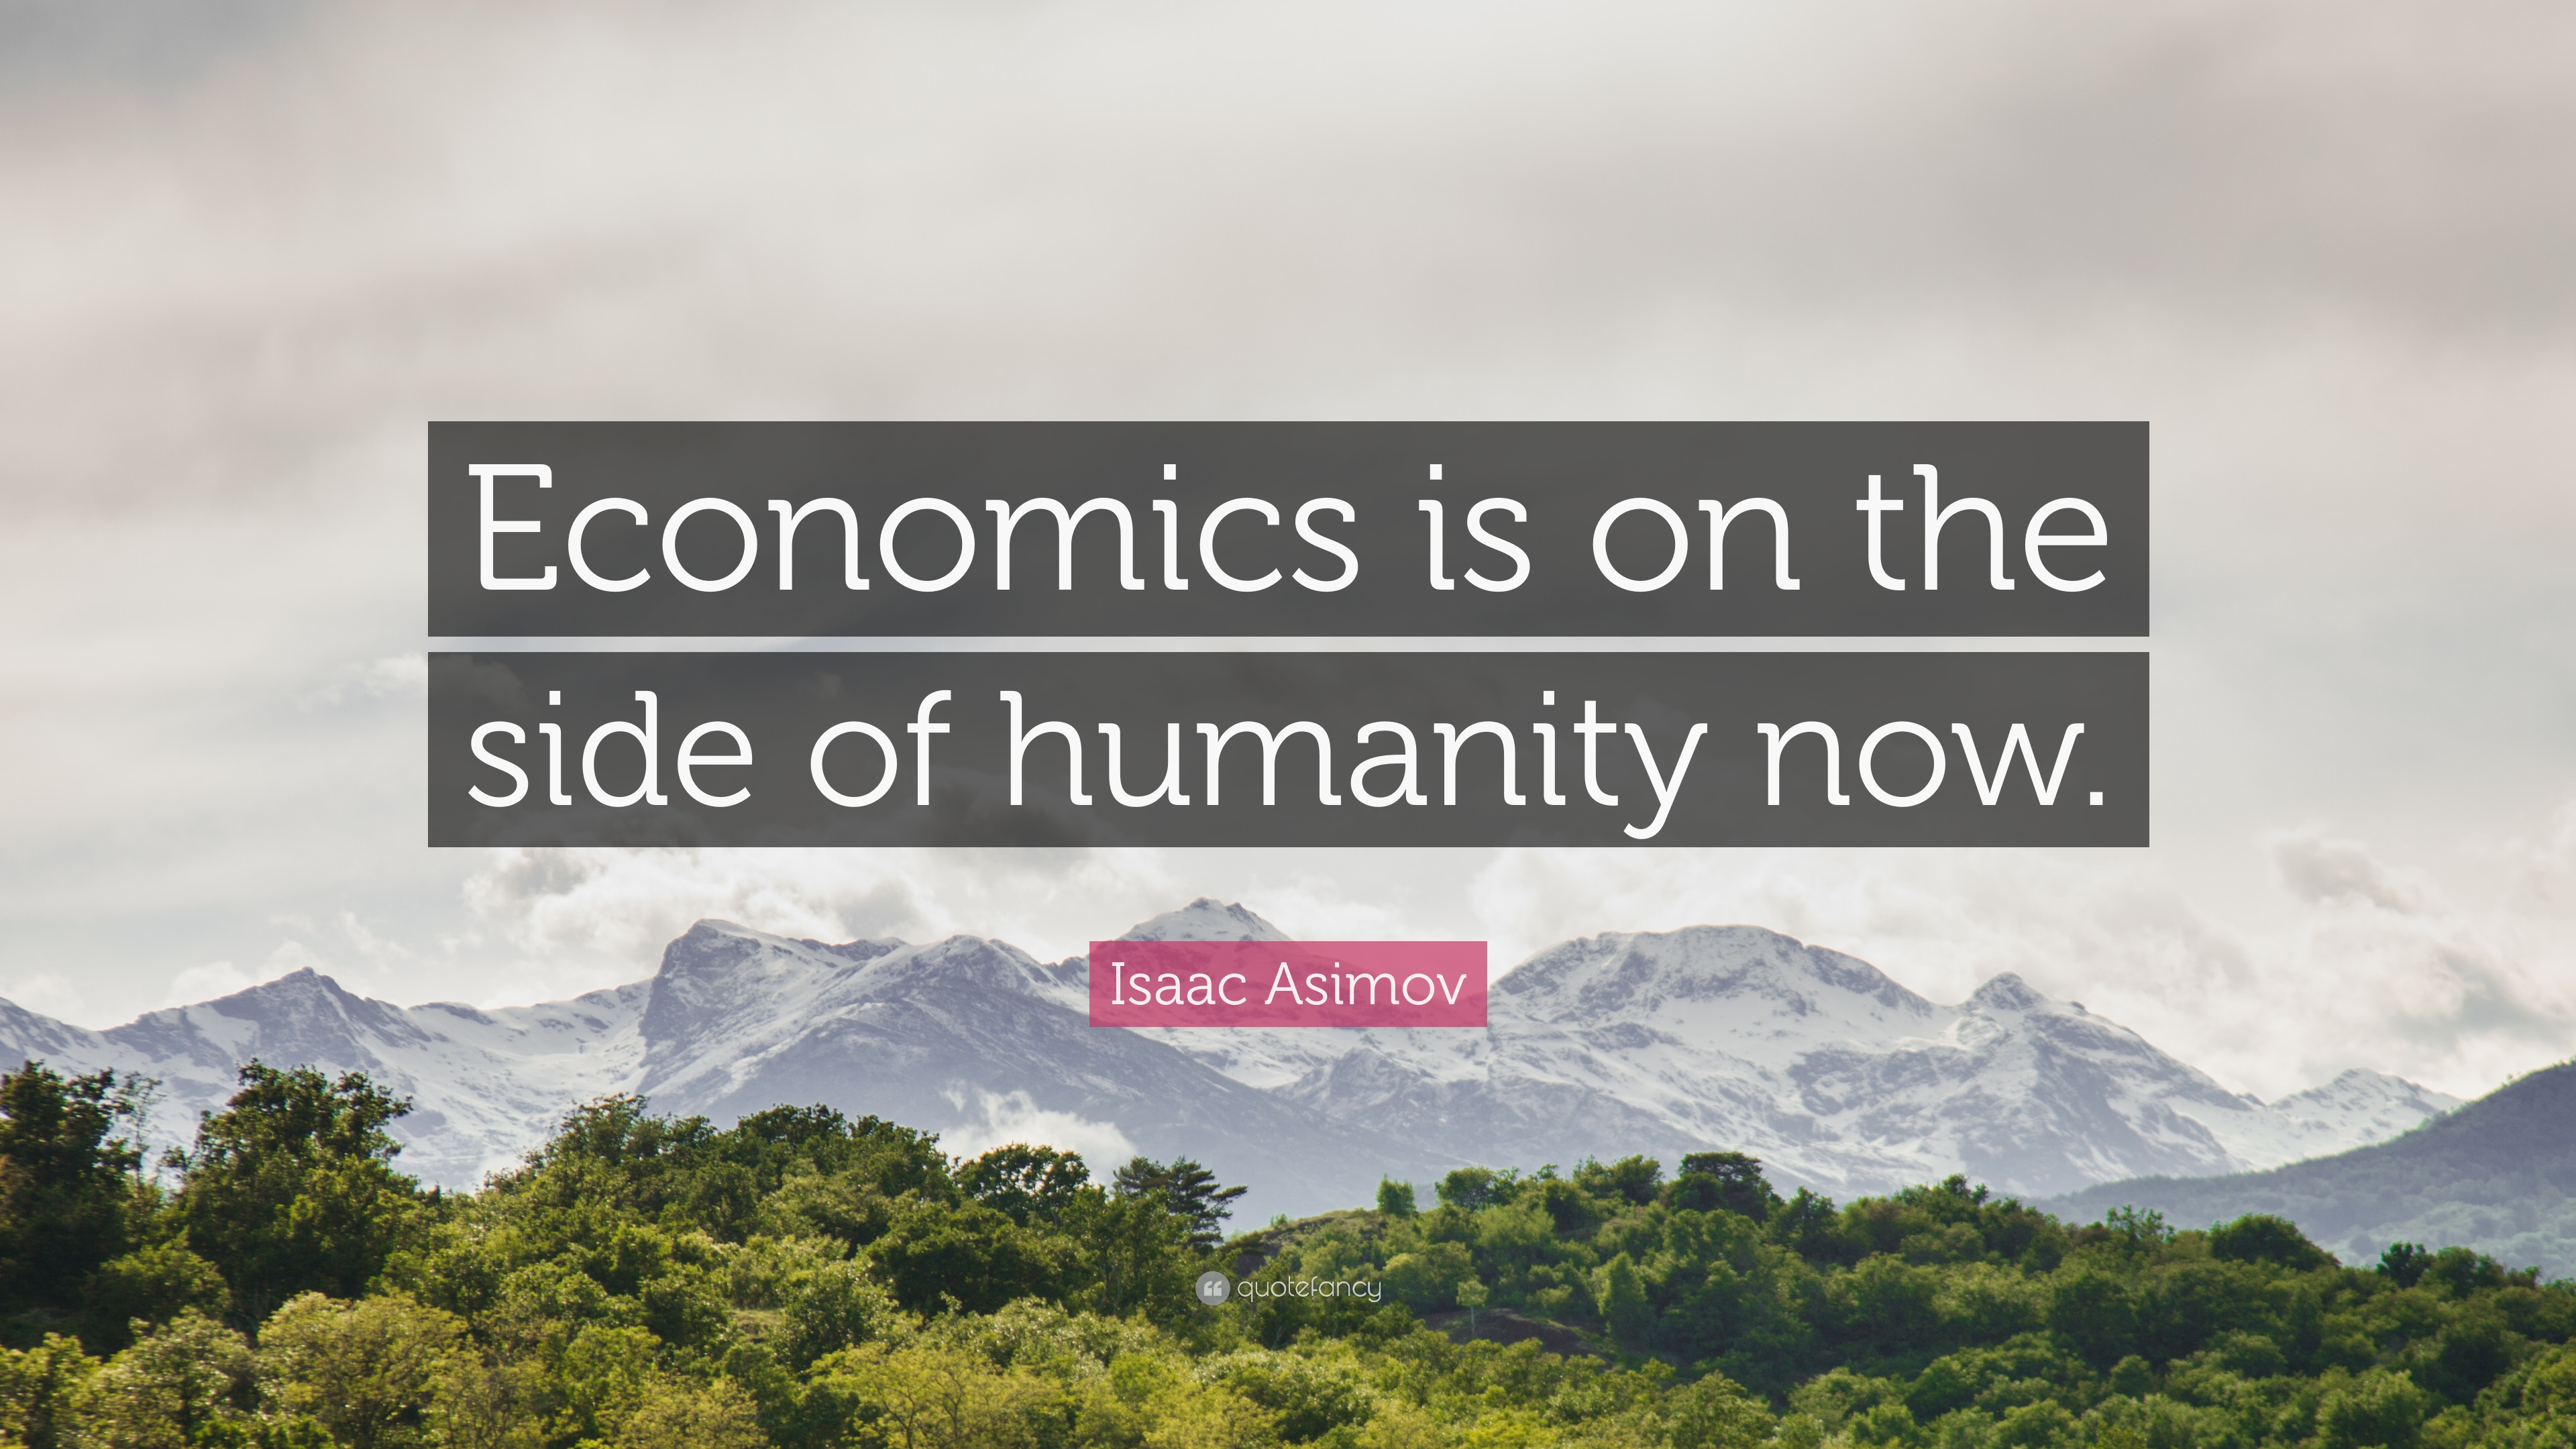 Quotes About Humanity Quotes About Humanity 40 Wallpapers  Quotefancy